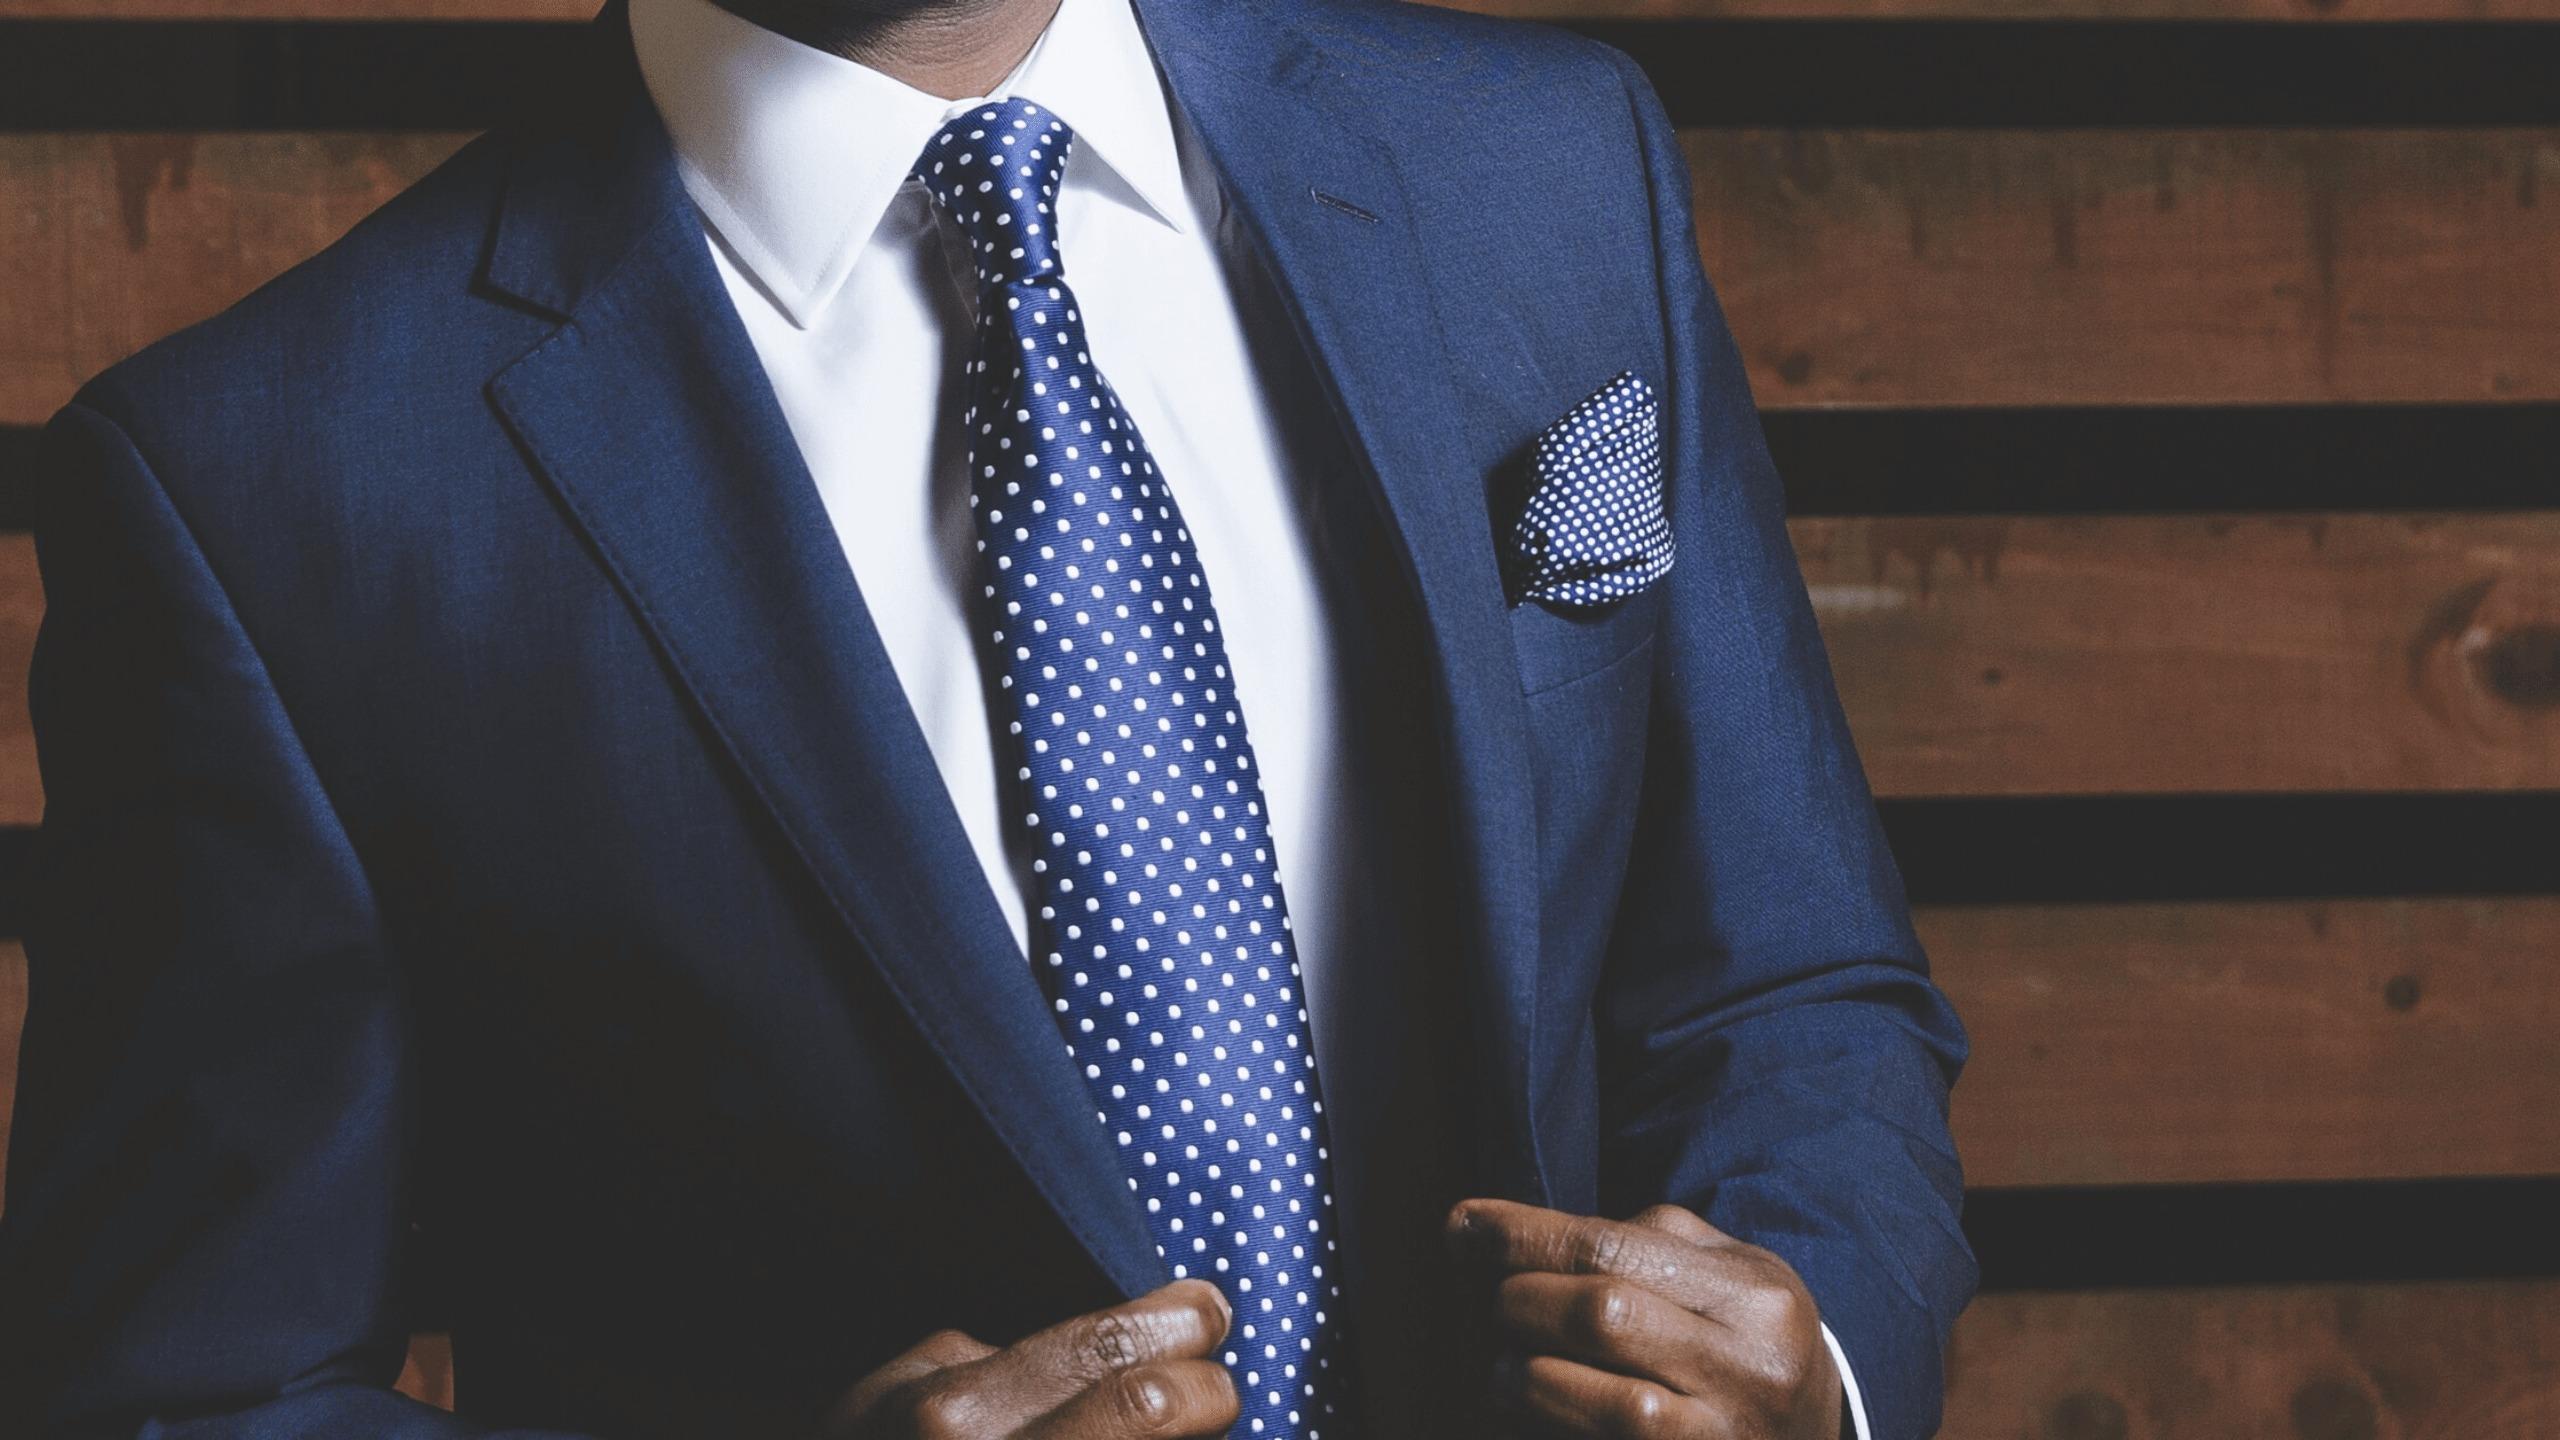 30代で会計事務所に未経験で転職したらどうなる?給与や待遇は?